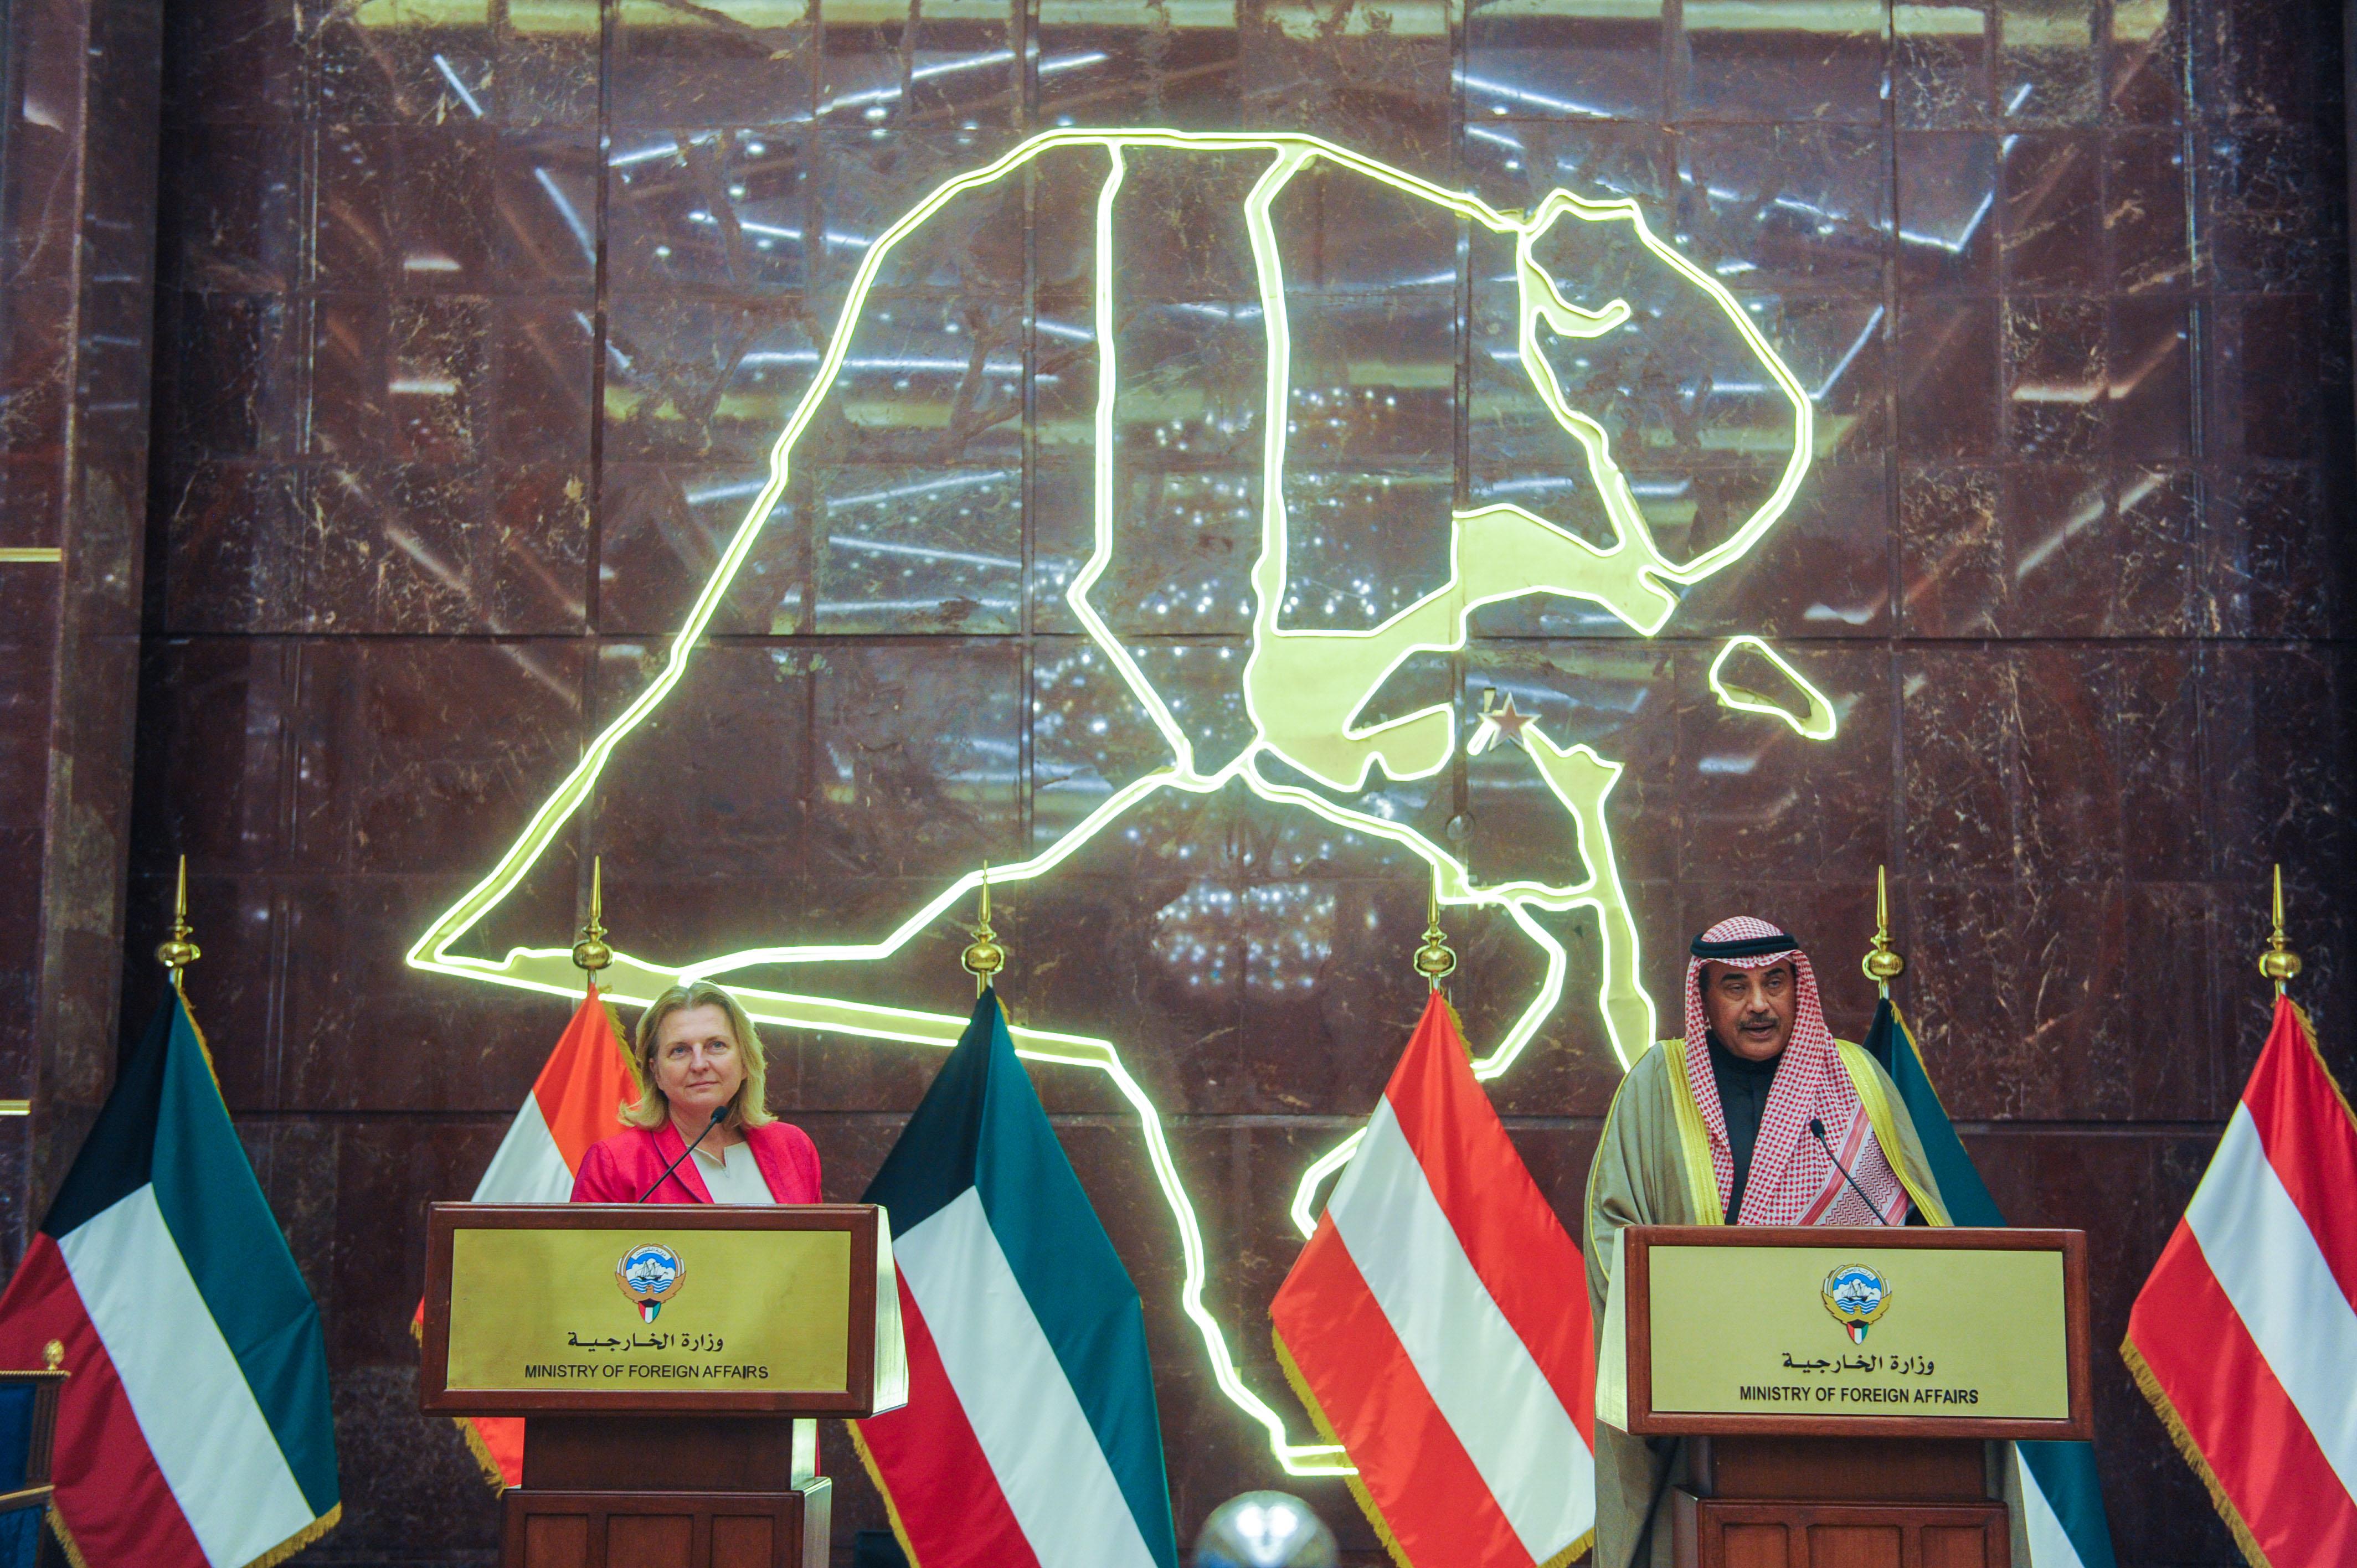 Kuveyt, daha fazla Arap ülkesinin Şam'daki elçilikleri yeniden açmasını beklemektedir – KUNA